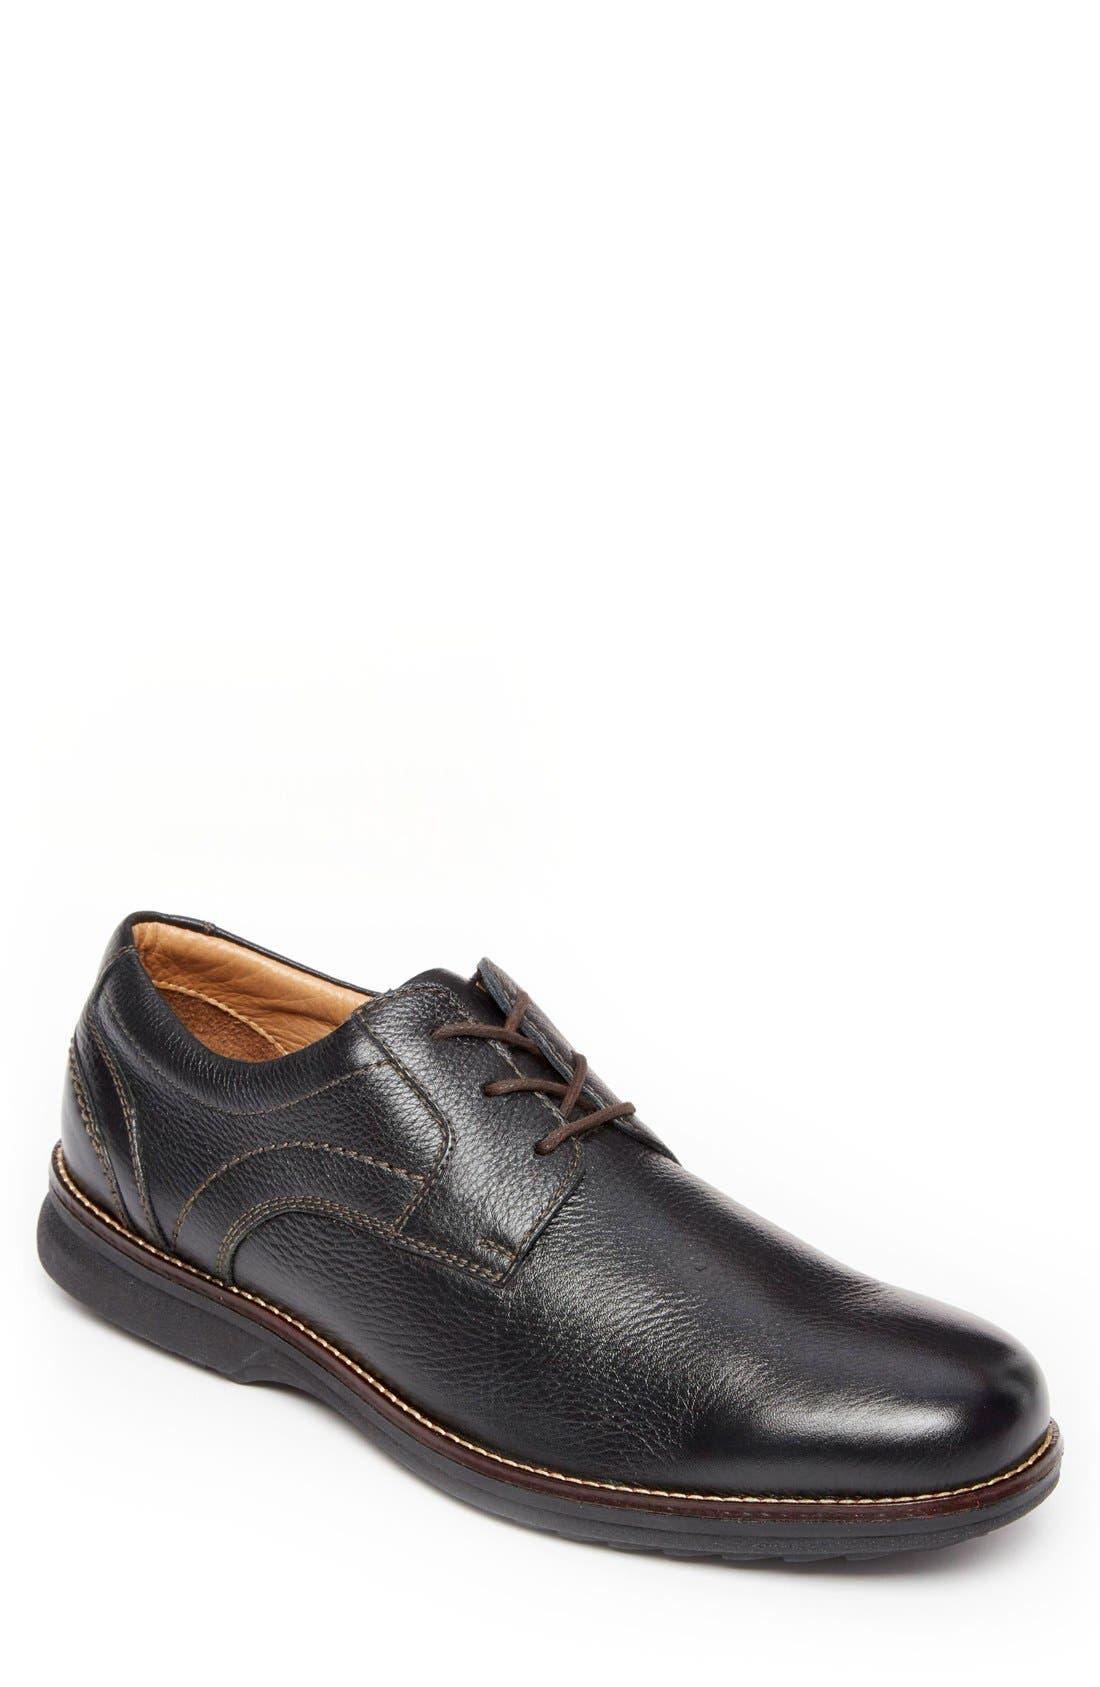 'Premium Class' Plain Toe Derby,                             Main thumbnail 1, color,                             001